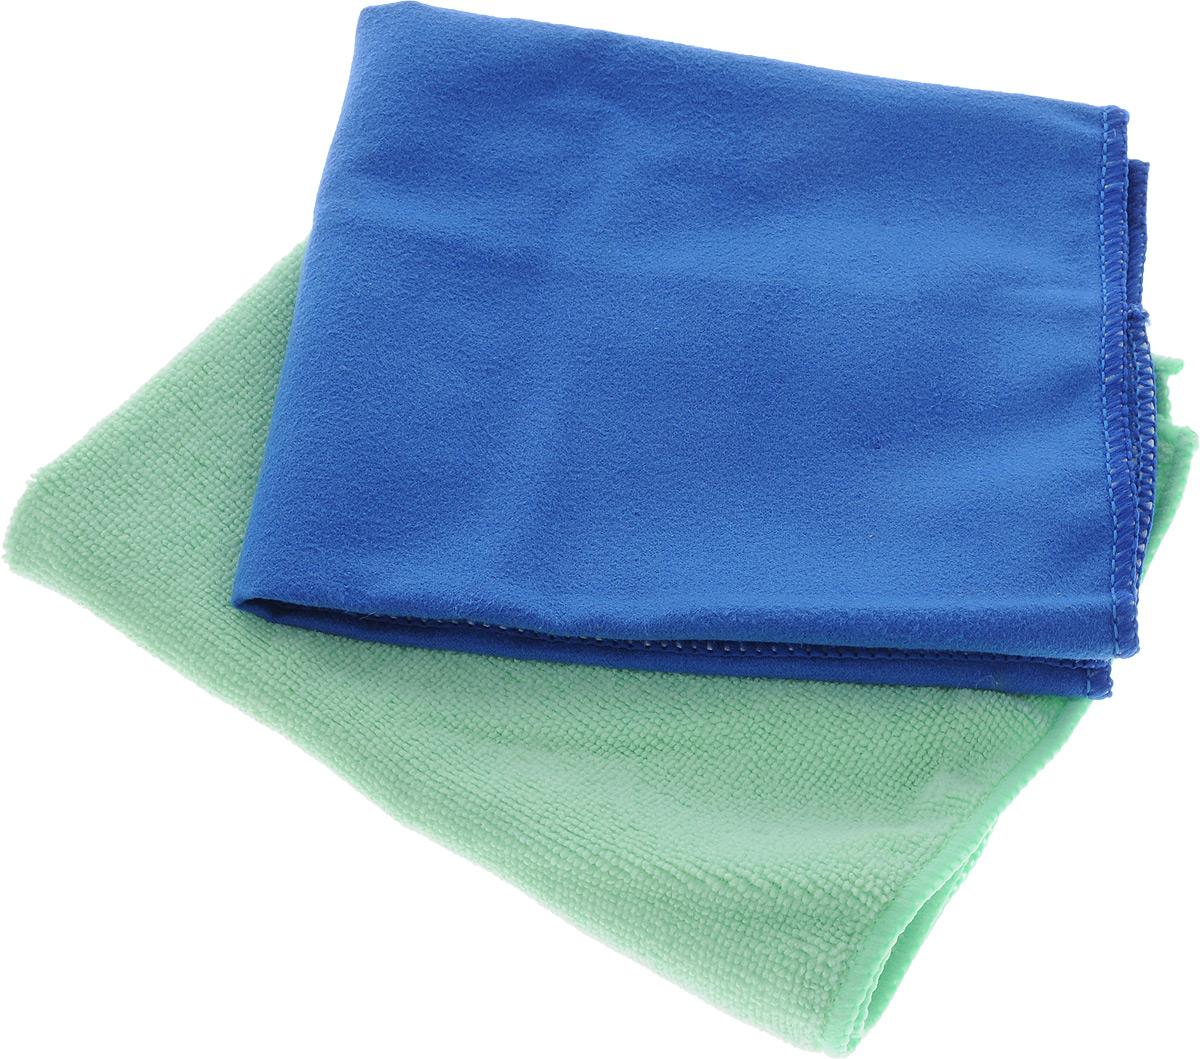 Салфетка чистящая Sapfire Cleaning Сloth & Suede, цвет: синий, салатовый, 35 х 40 см, 2 штIRK-503Благодаря своей уникальной ворсовой структуре, салфетки Sapfire Cleaning Сloth & Suede прекрасно подходят для мытья и полировки автомобиля.Материал салфеток: микрофибра (85% полиэстер и 15% полиамид), обладает уникальной способностью быстро впитывать большой объем жидкости. Клиновидные микроскопические волокна захватывают и легко удерживают частички пыли, жировой и никотиновый налет, микроорганизмы, в том числе болезнетворные и вызывающие аллергию. Протертая поверхность становится идеально чистой, сухой, блестящей, без разводов и ворсинок. Допускается машинная и ручная стирка слабым моющим раствором в теплой воде.Отбеливание и глажка запрещены.Размер салфеток: 35 х 40 см.